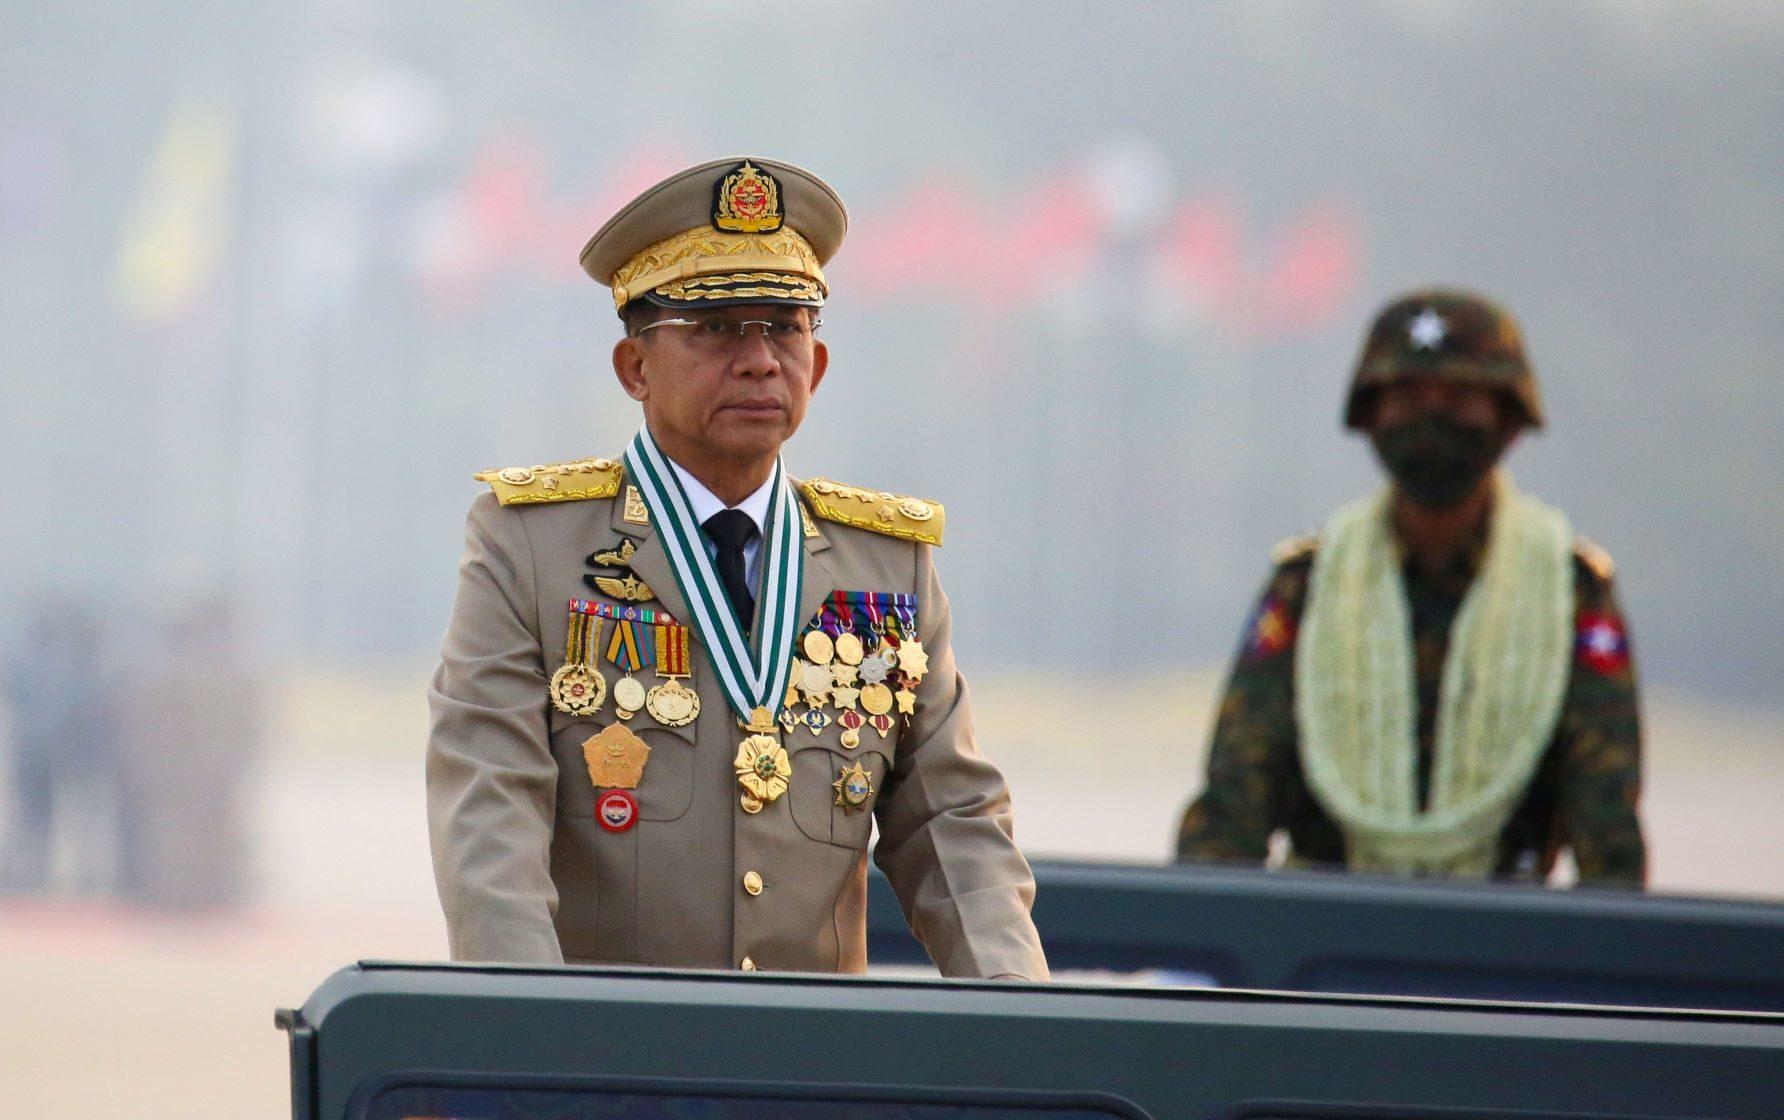 ยูเอ็นโหวตหนุนมติหยุดขายอาวุธให้ทัพพม่าเข่นฆ่า-ไทยงดออกเสียง